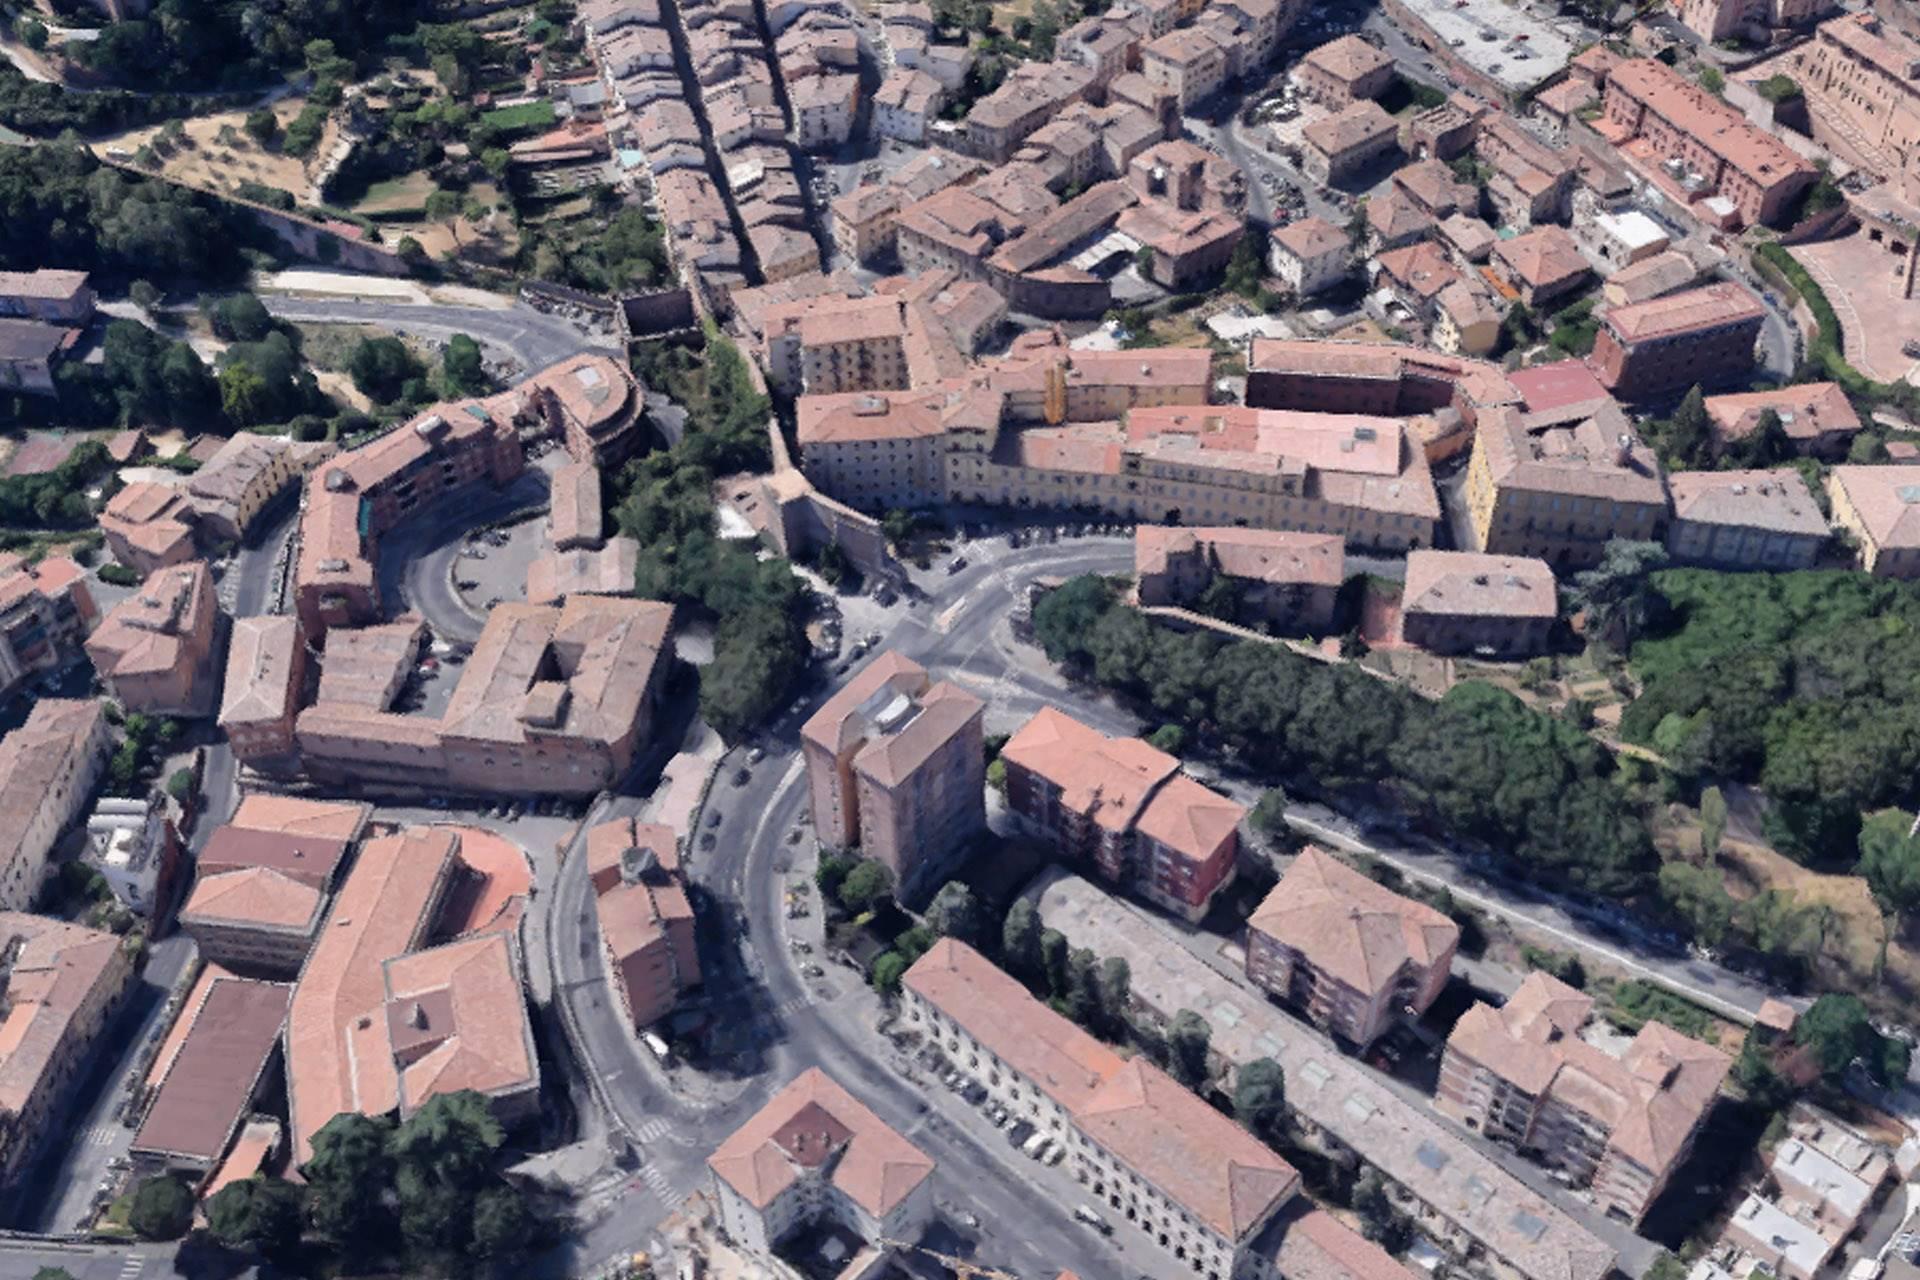 Fondo commerciale di 145 mq con parcheggio privato per la clientela in visita, appena fuori le mura di Siena. Il fondo è attualmente composto da un